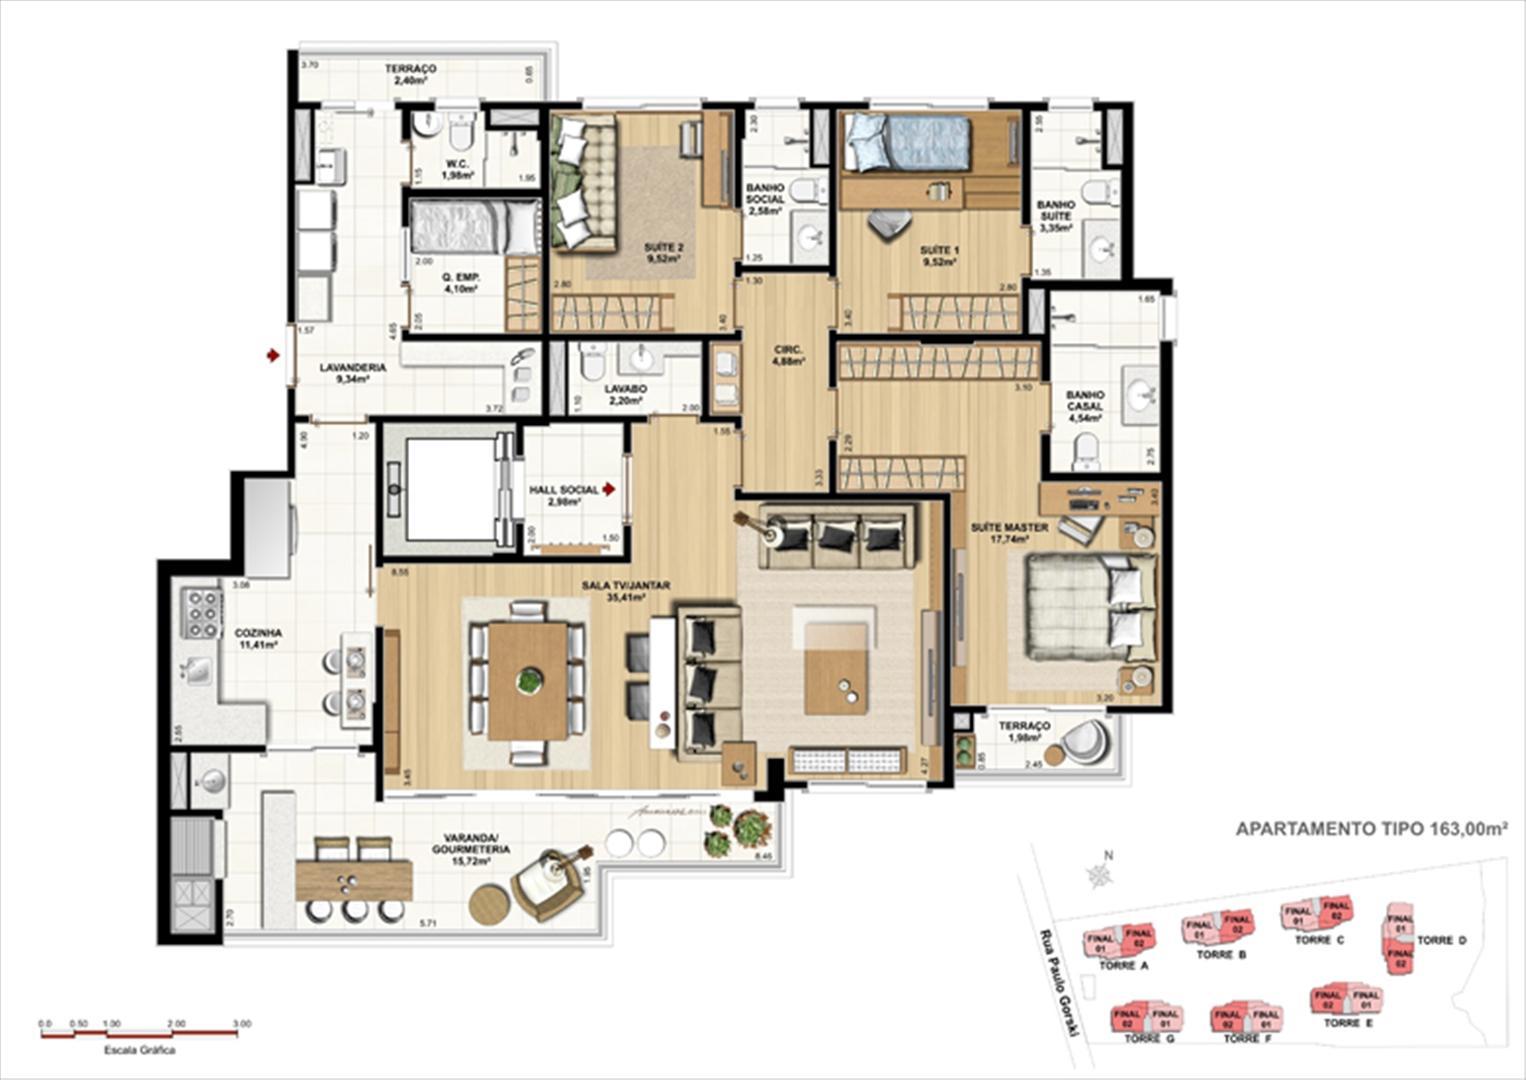 Padrão Tipo e Perspectiva ilustrada da implantação   Ópera Unique Home – Apartamento no  Ecoville - Curitiba - Paraná